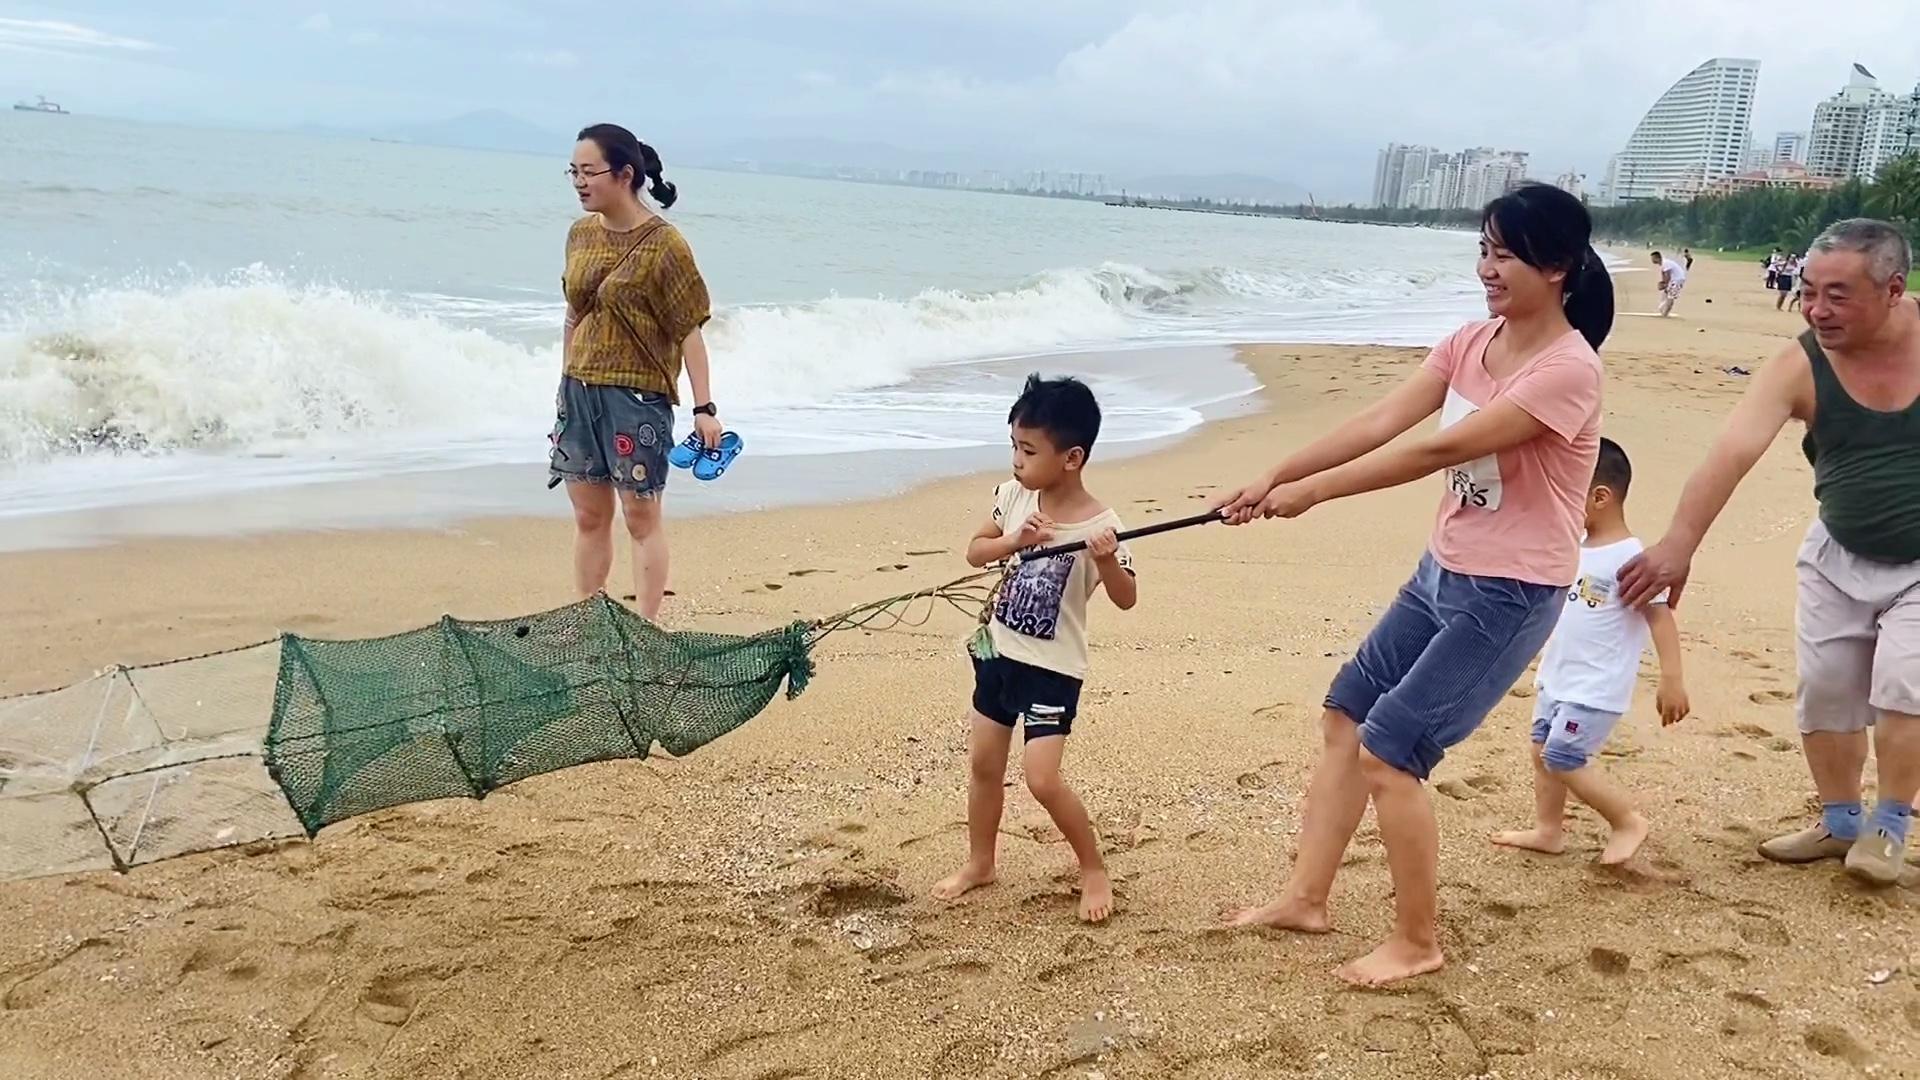 台风过后,海边都是地笼,小雪费九牛二虎之力才整上岸